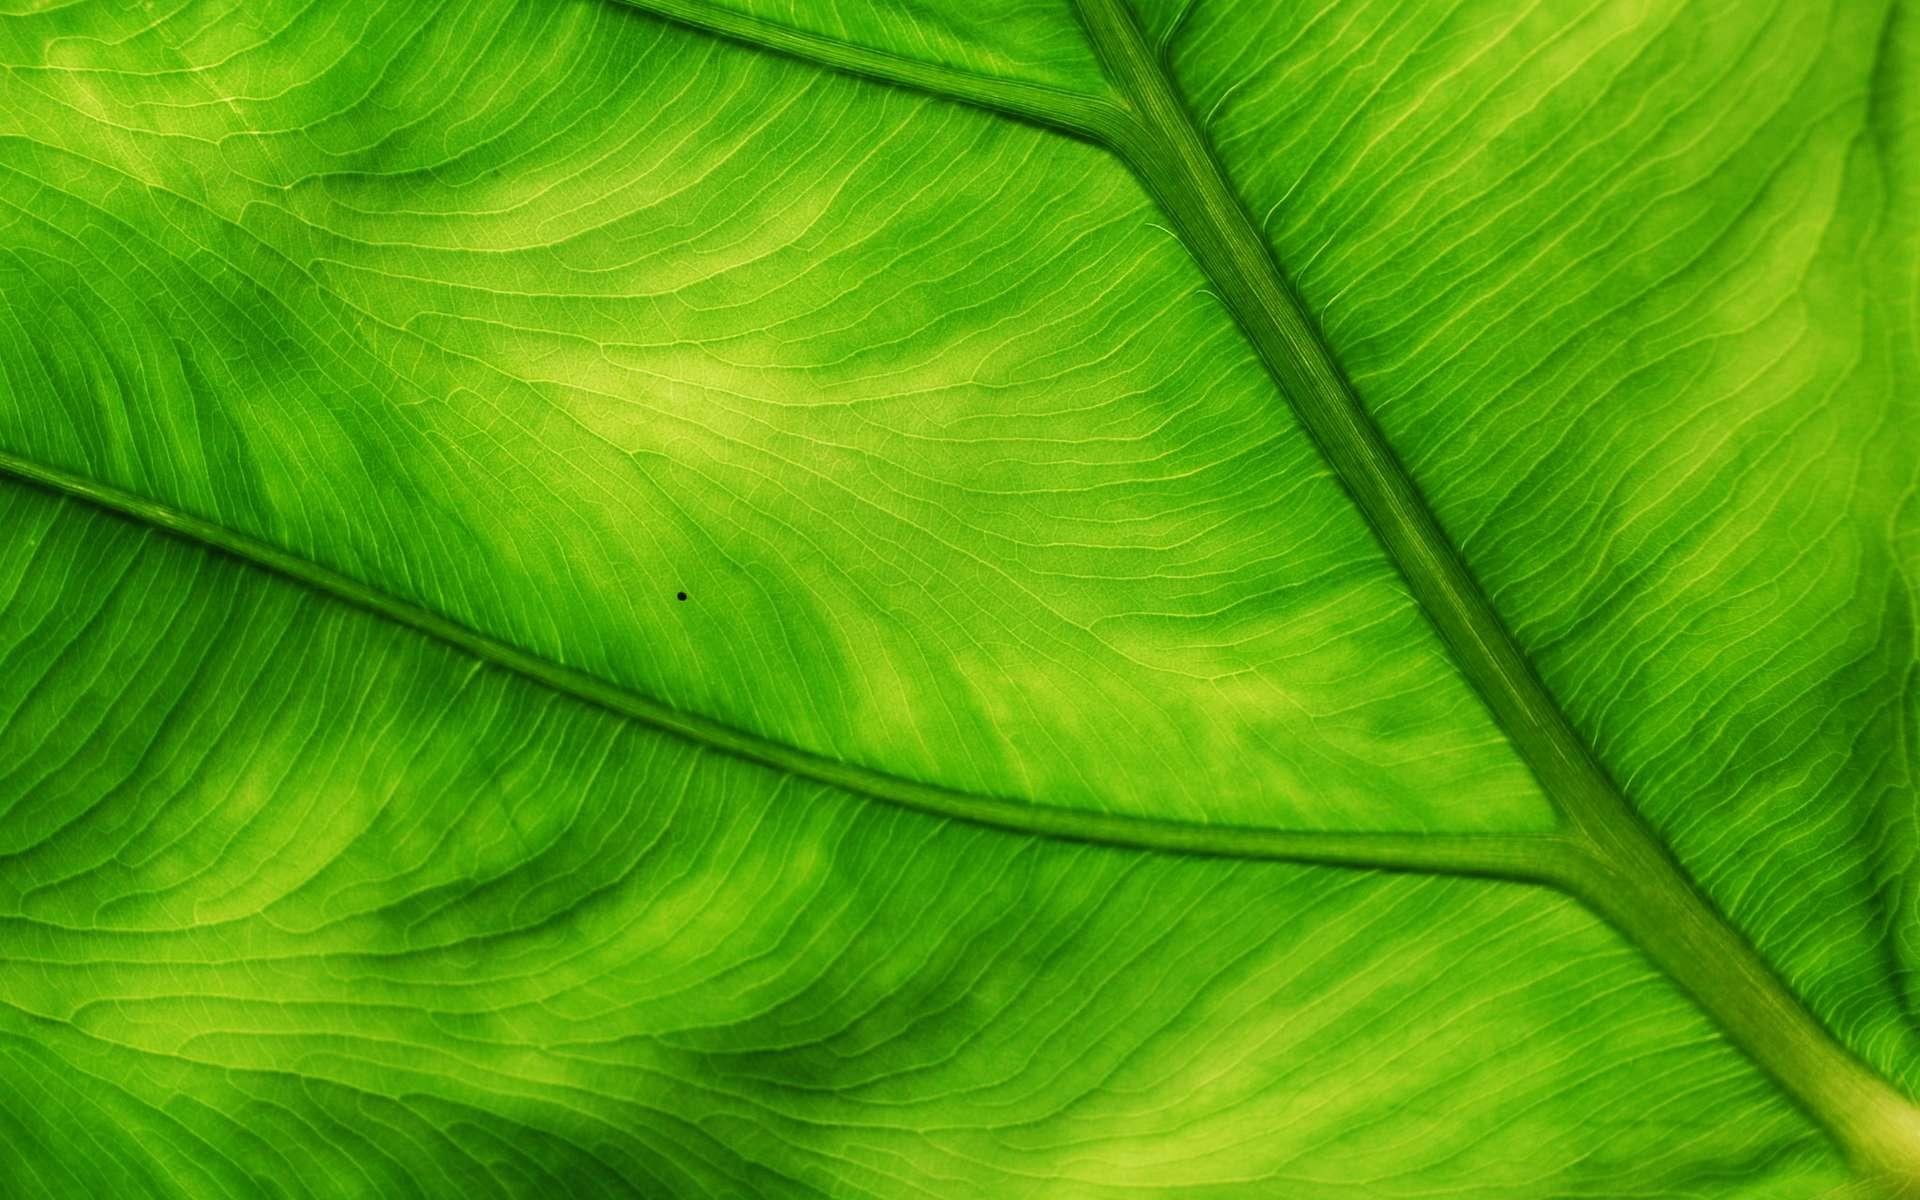 Les Experts, version botanique : la couleur et la fluorescence des feuilles sont affectées par la décomposition de restes humains. © bettinche, Flickr